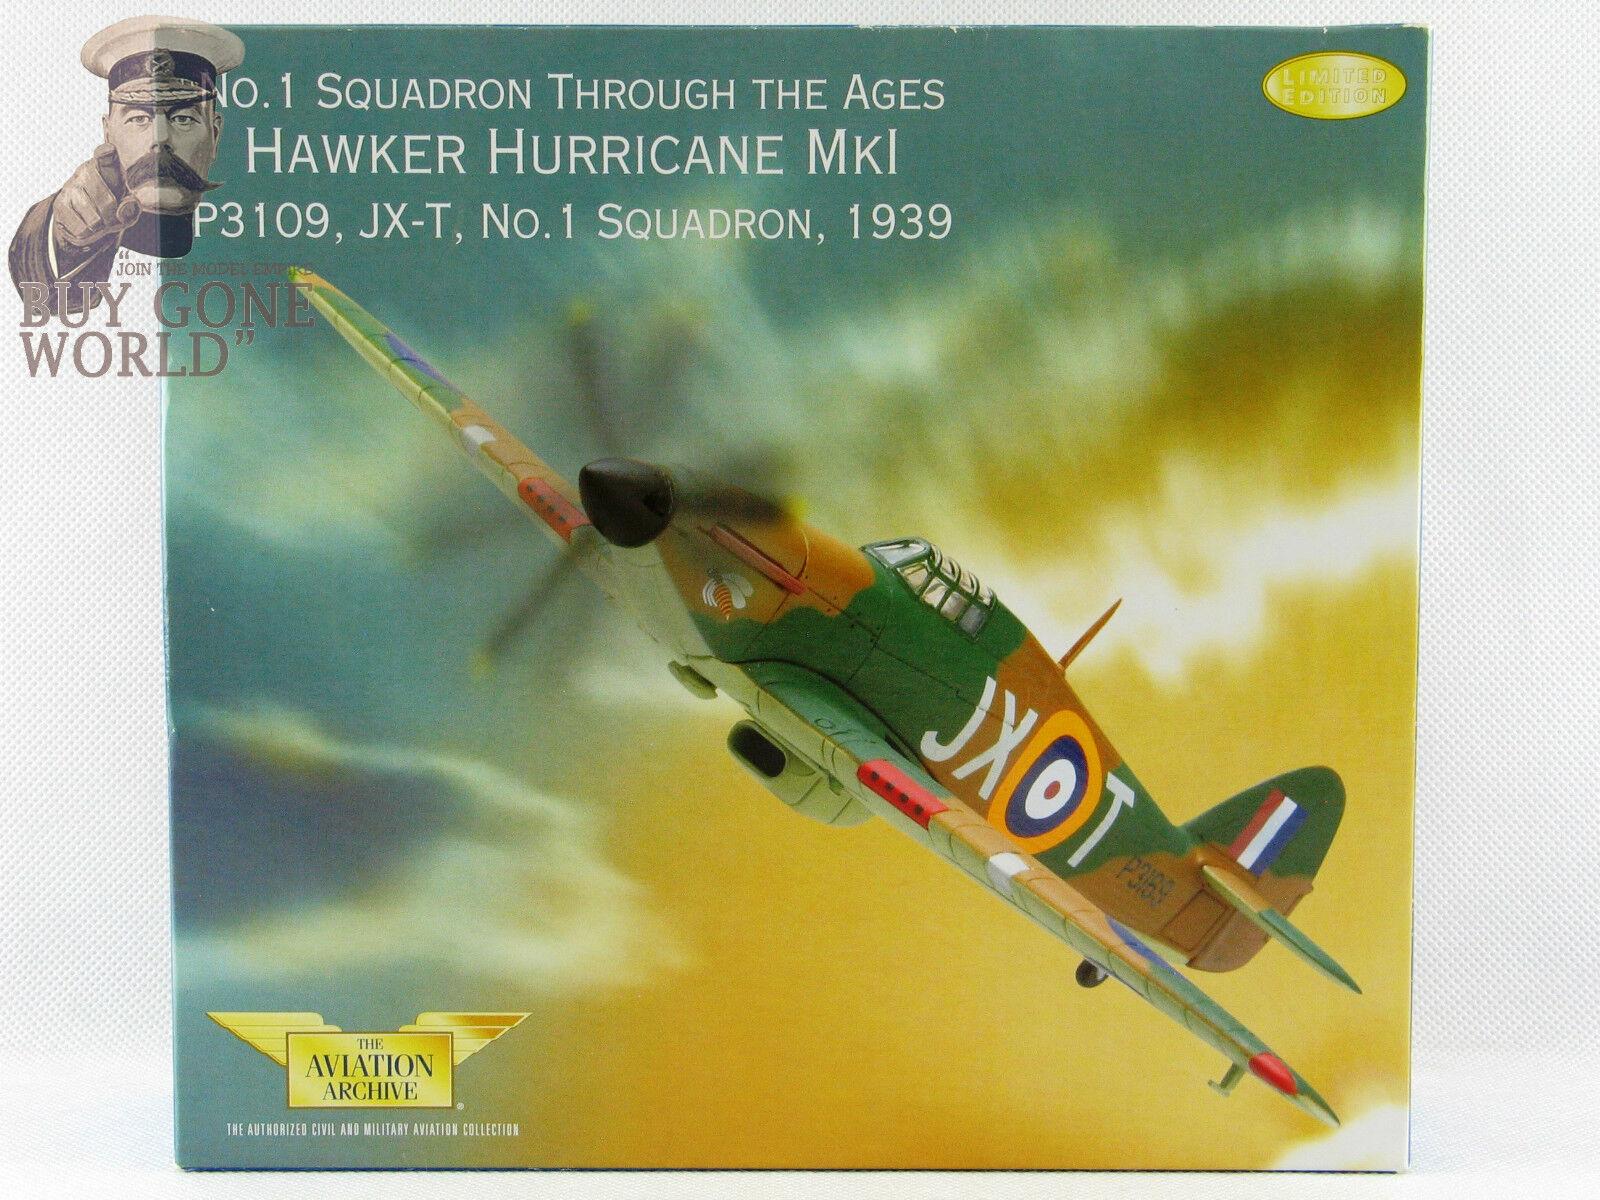 CORGI AA32012 Hawker Hurricane Mk I I I No1 ESC P3109/JX-T RAF le Wittering vrare 0034 | Supérieurs Performances  | Une Grande Variété De Modèles 2019 New  | Nouveau Produit  c8858a